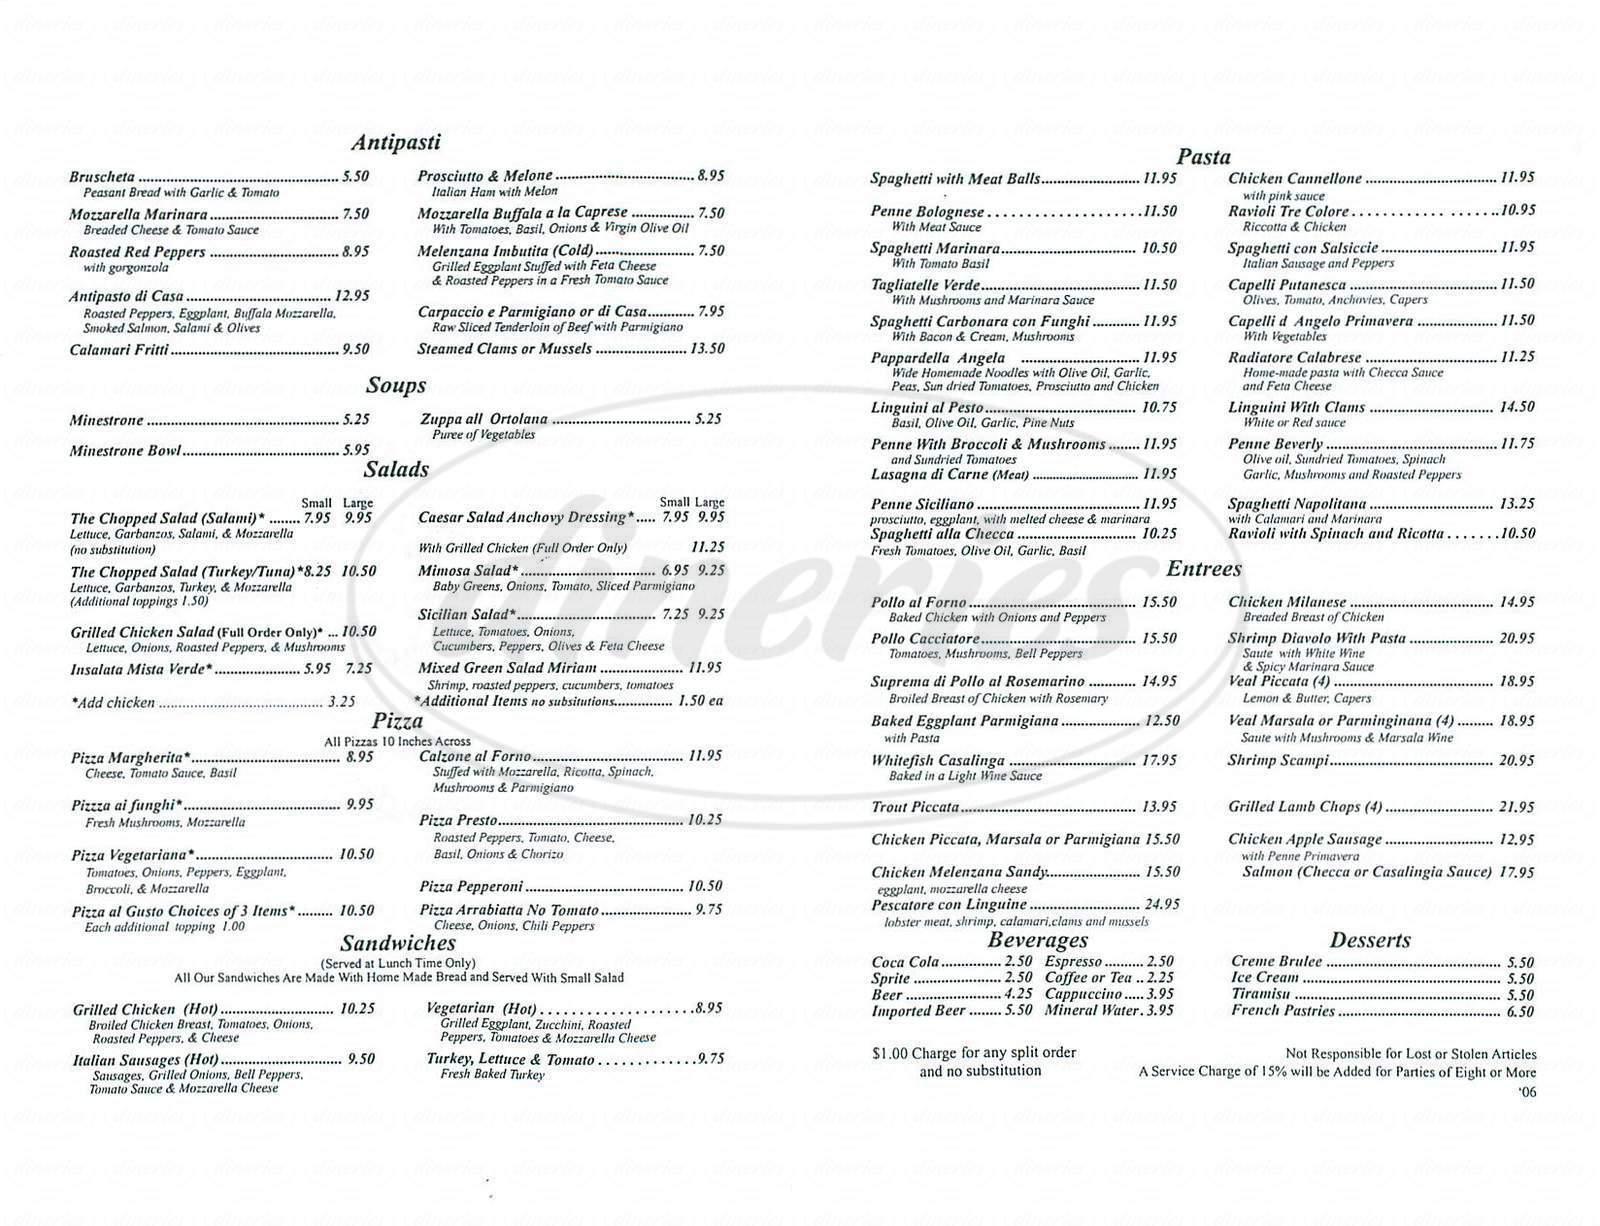 menu for Emilio's Trattoria